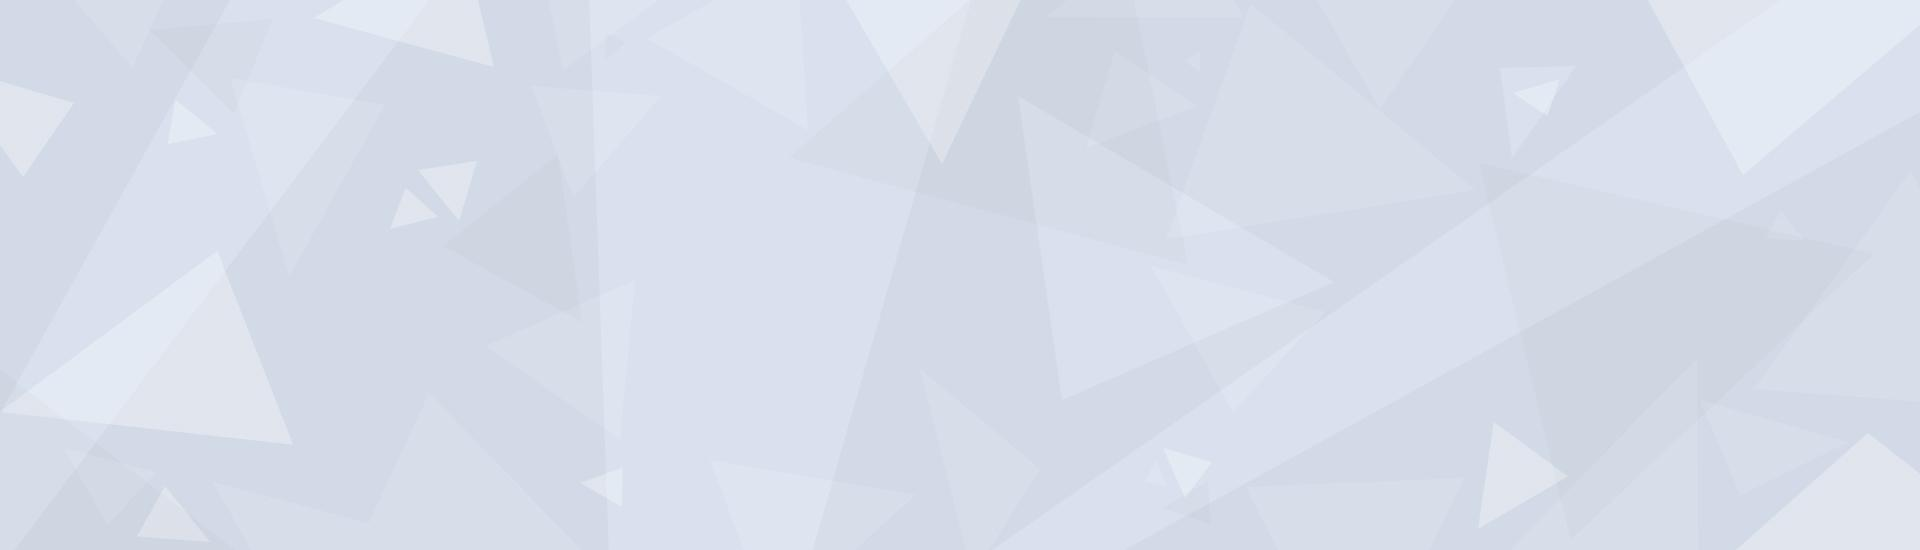 Kinneas - VSLeague Online eSport